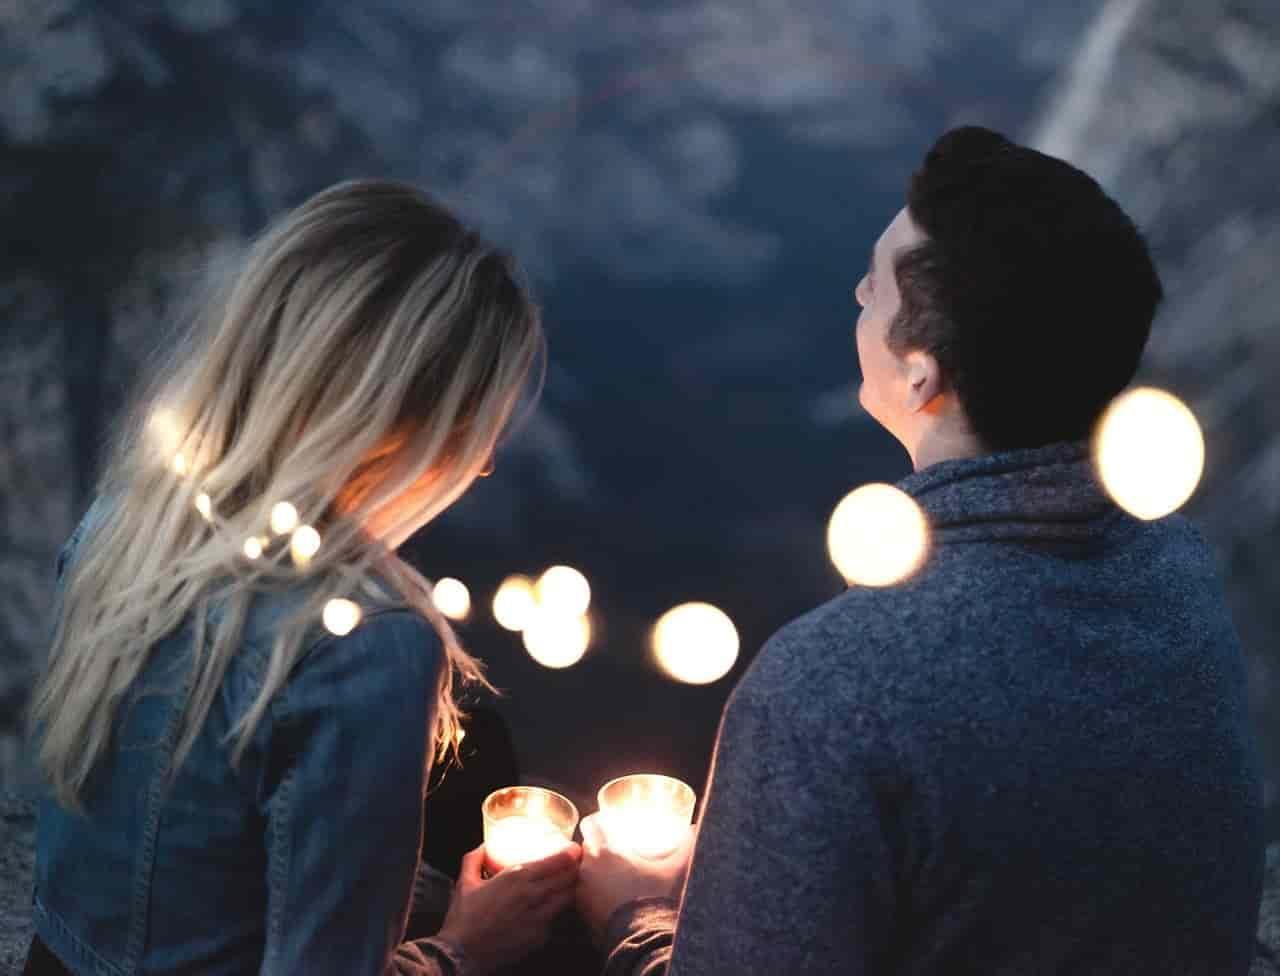 好きだけど恋愛感情かわからないまま付き合う男女のカップル